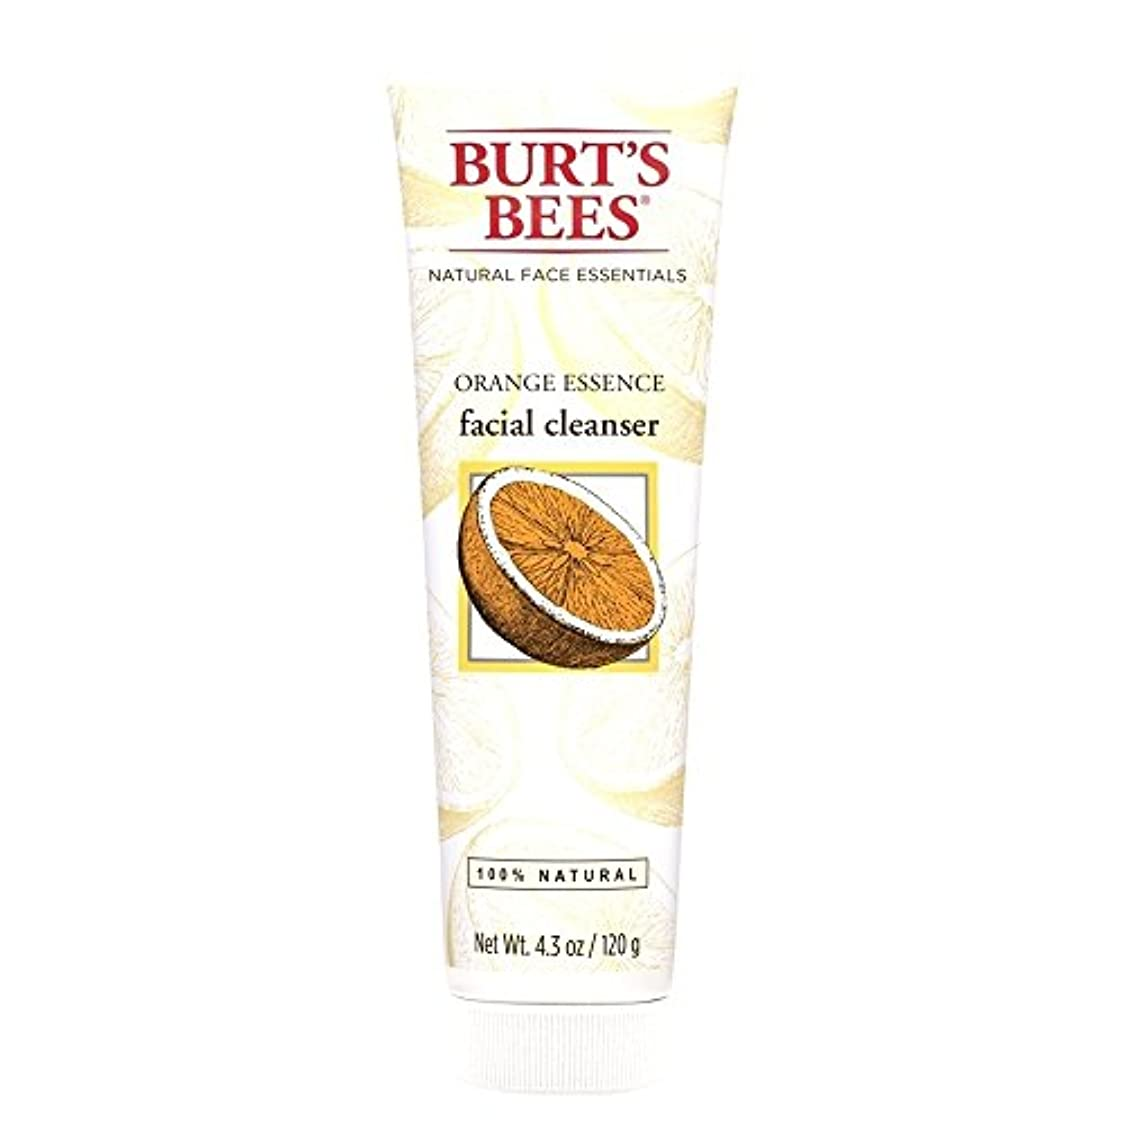 漫画リス精算バーツビーオレンジエッセンス洗顔料、125グラム (Burt's Bees) (x6) - Burt's Bees Orange Essence Facial Cleanser, 125g (Pack of 6) [並行輸入品]